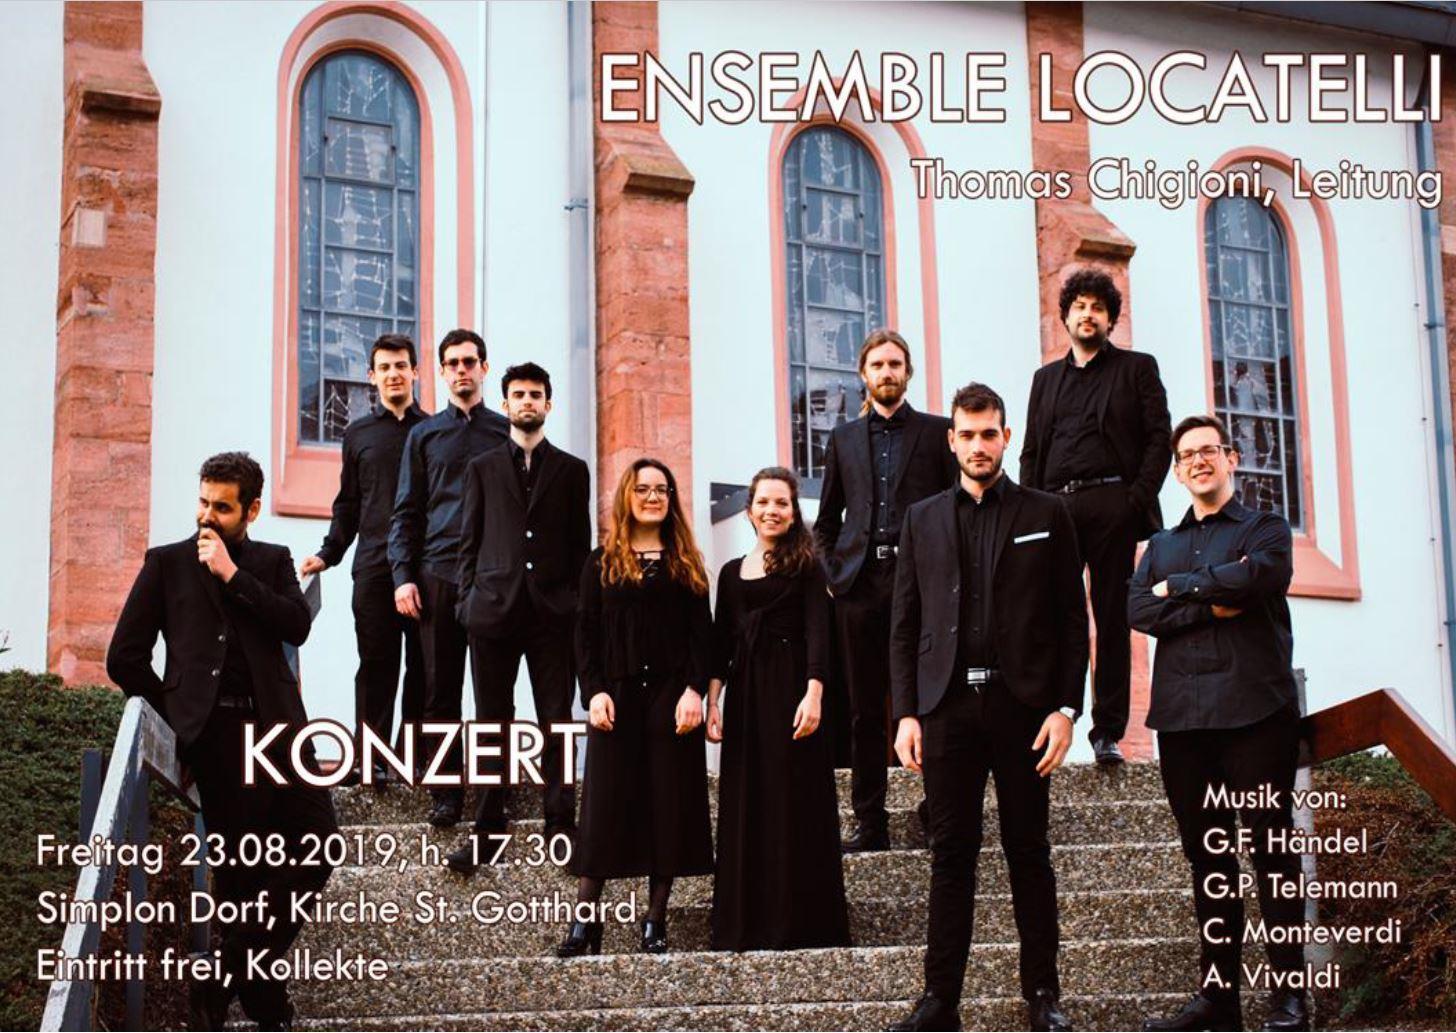 Konzert - Ensemble Locatelli